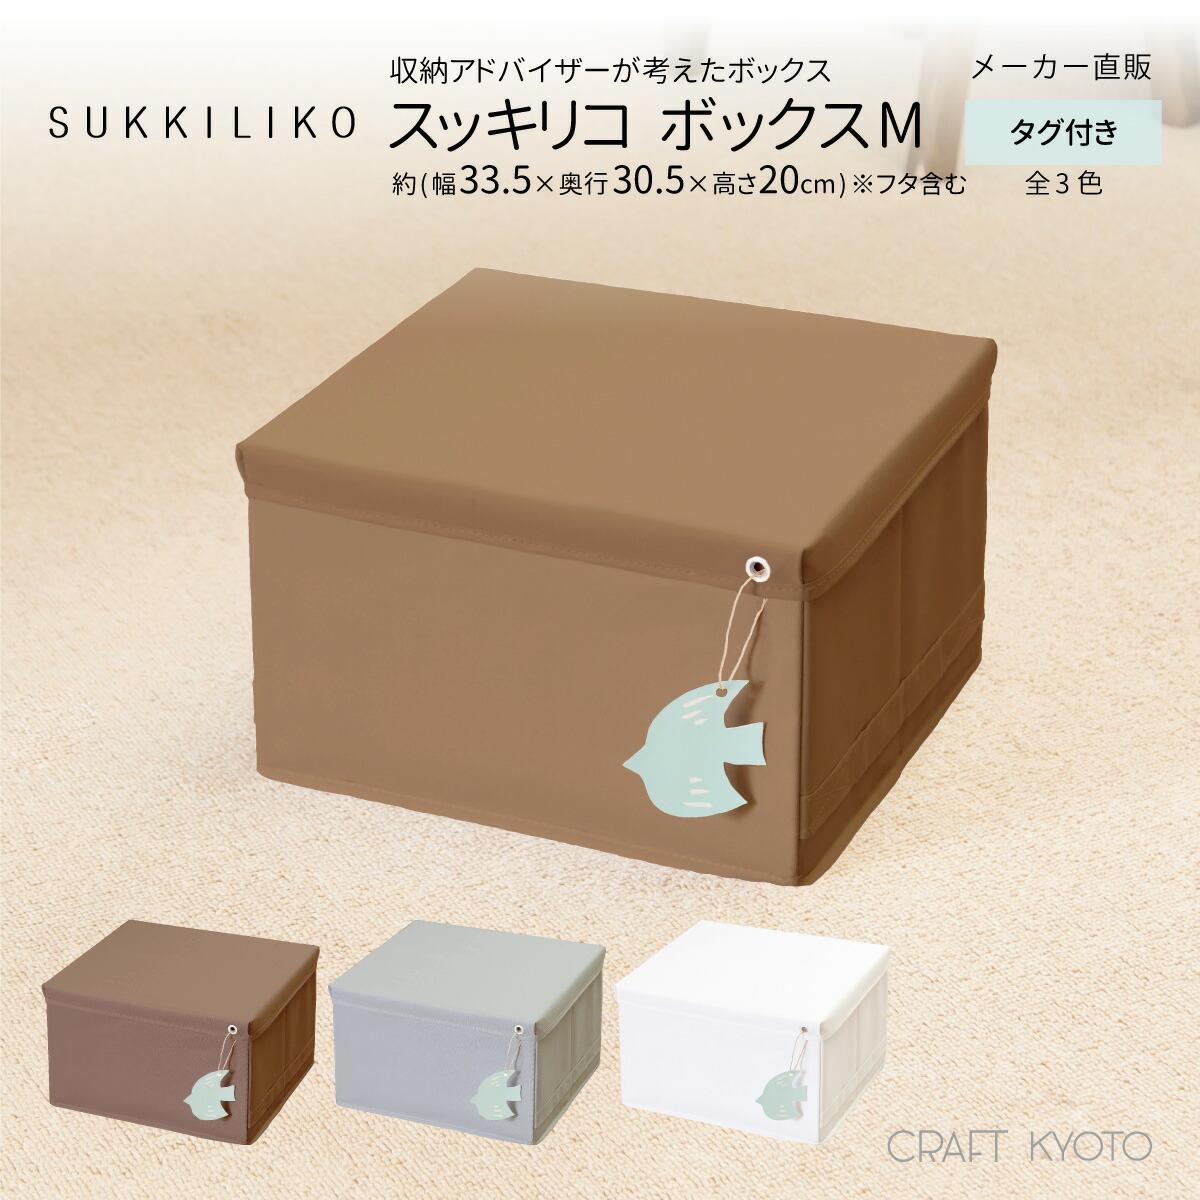 SUKKILIKO スッキリコ ボックス Mサイズ